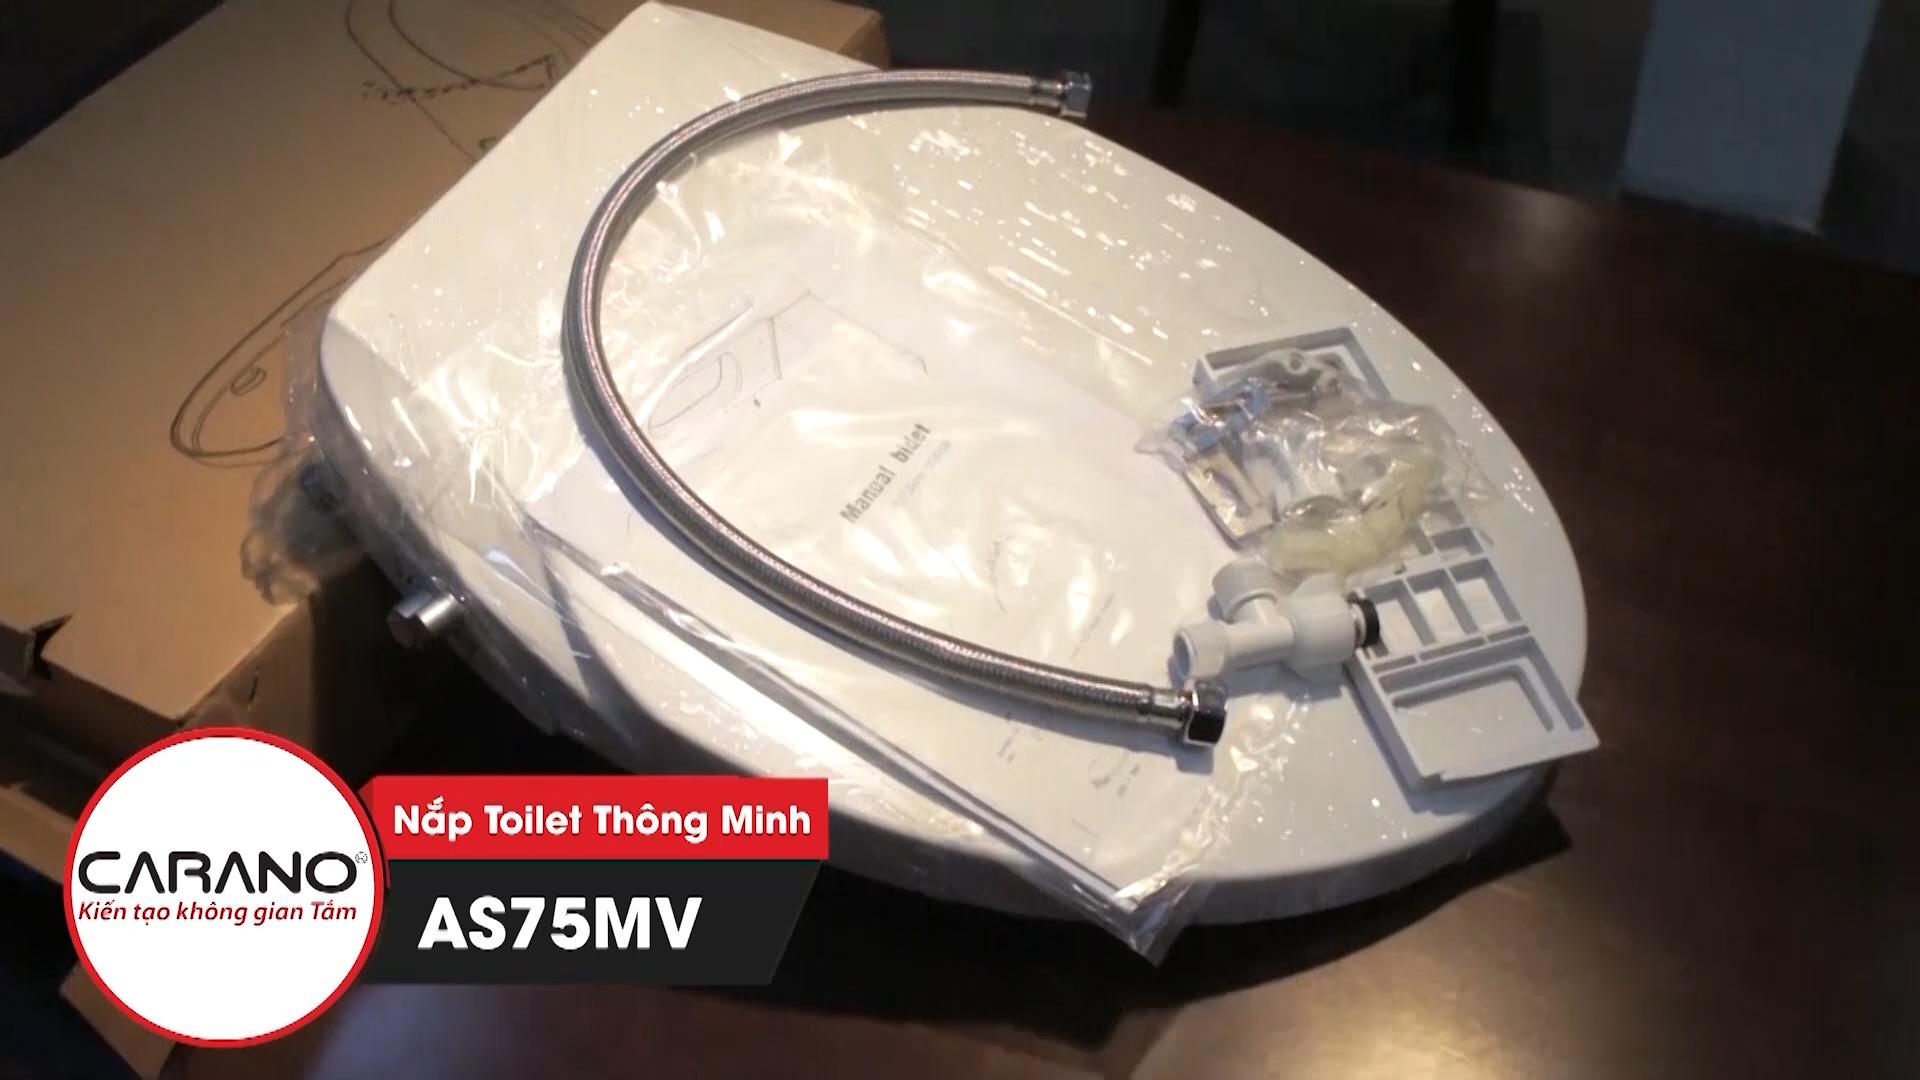 Nắp bồn cầu thông minh CARANO MALAYSIA model AS75MV